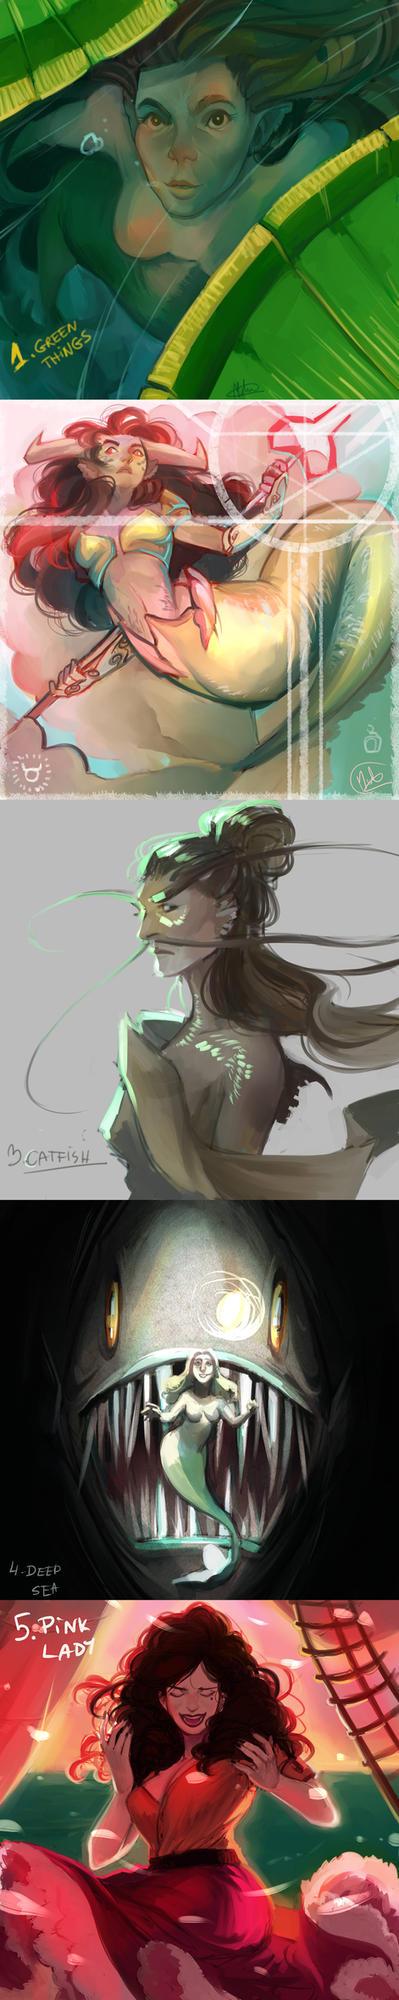 Mermay2018 1 by Mikado13